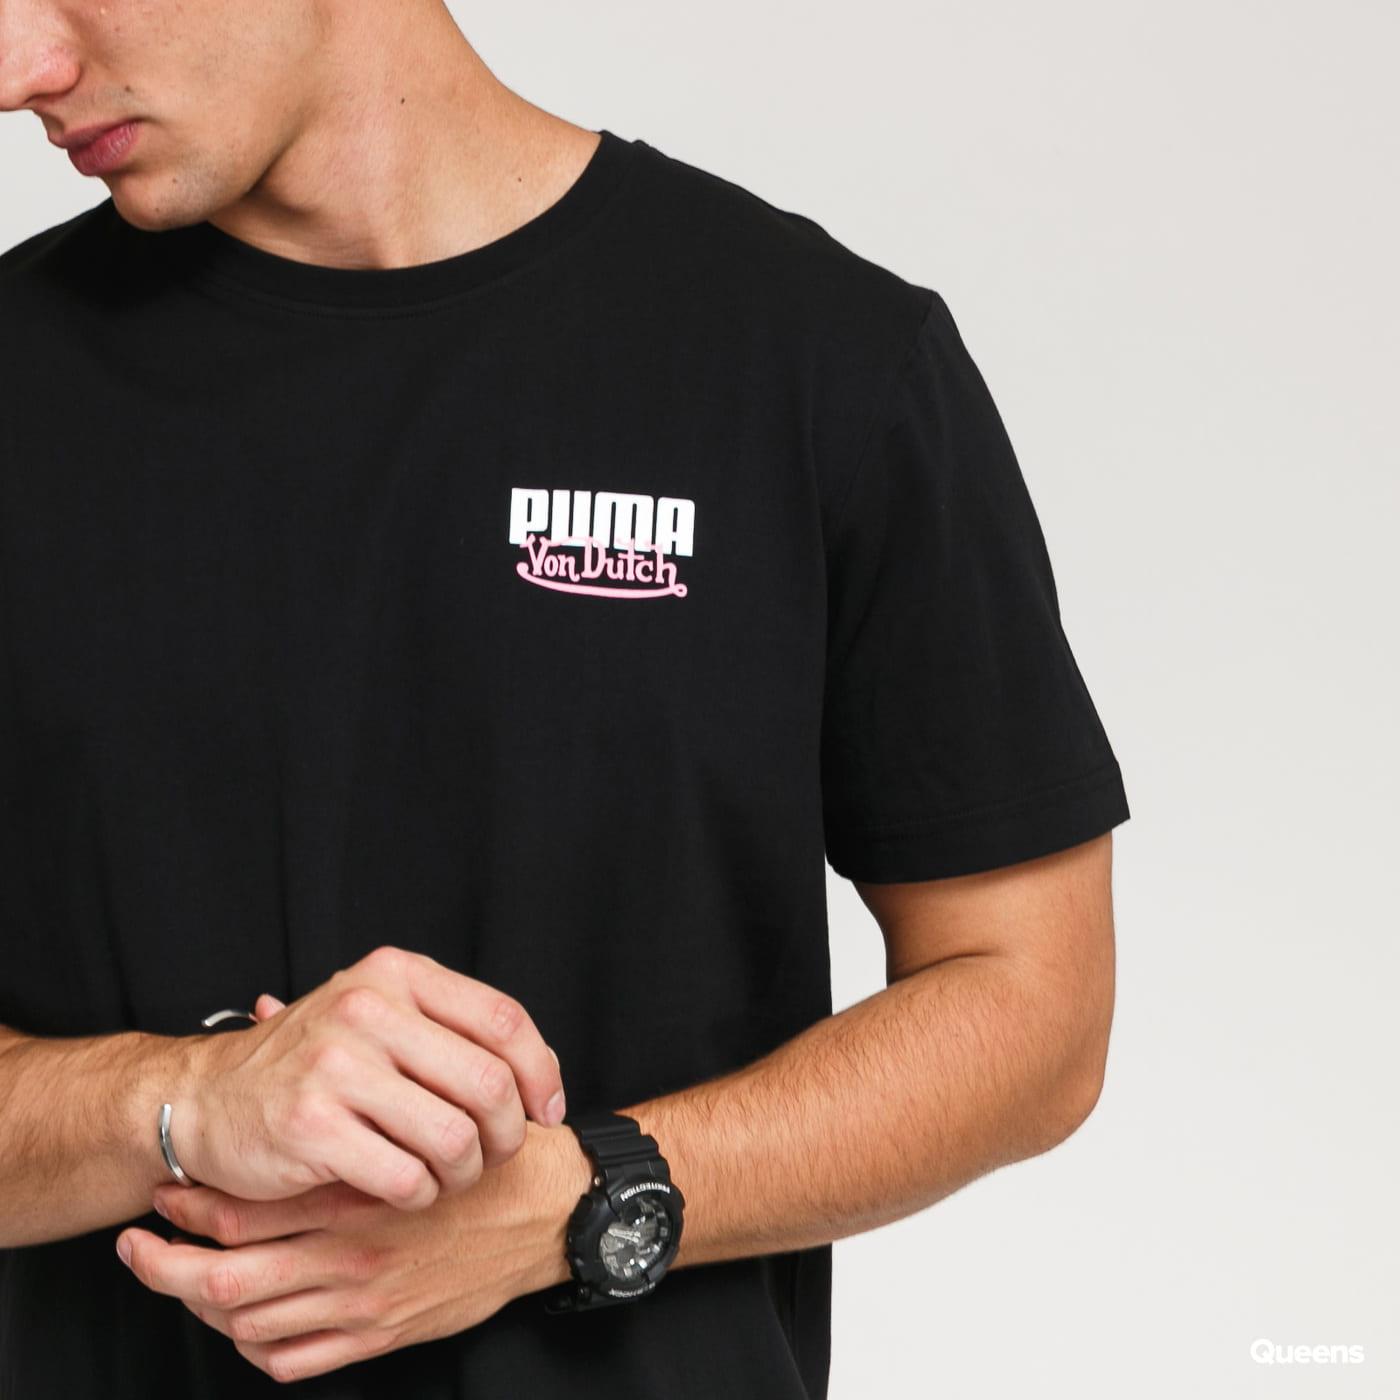 Puma Puma x Von Dutch Tee černé